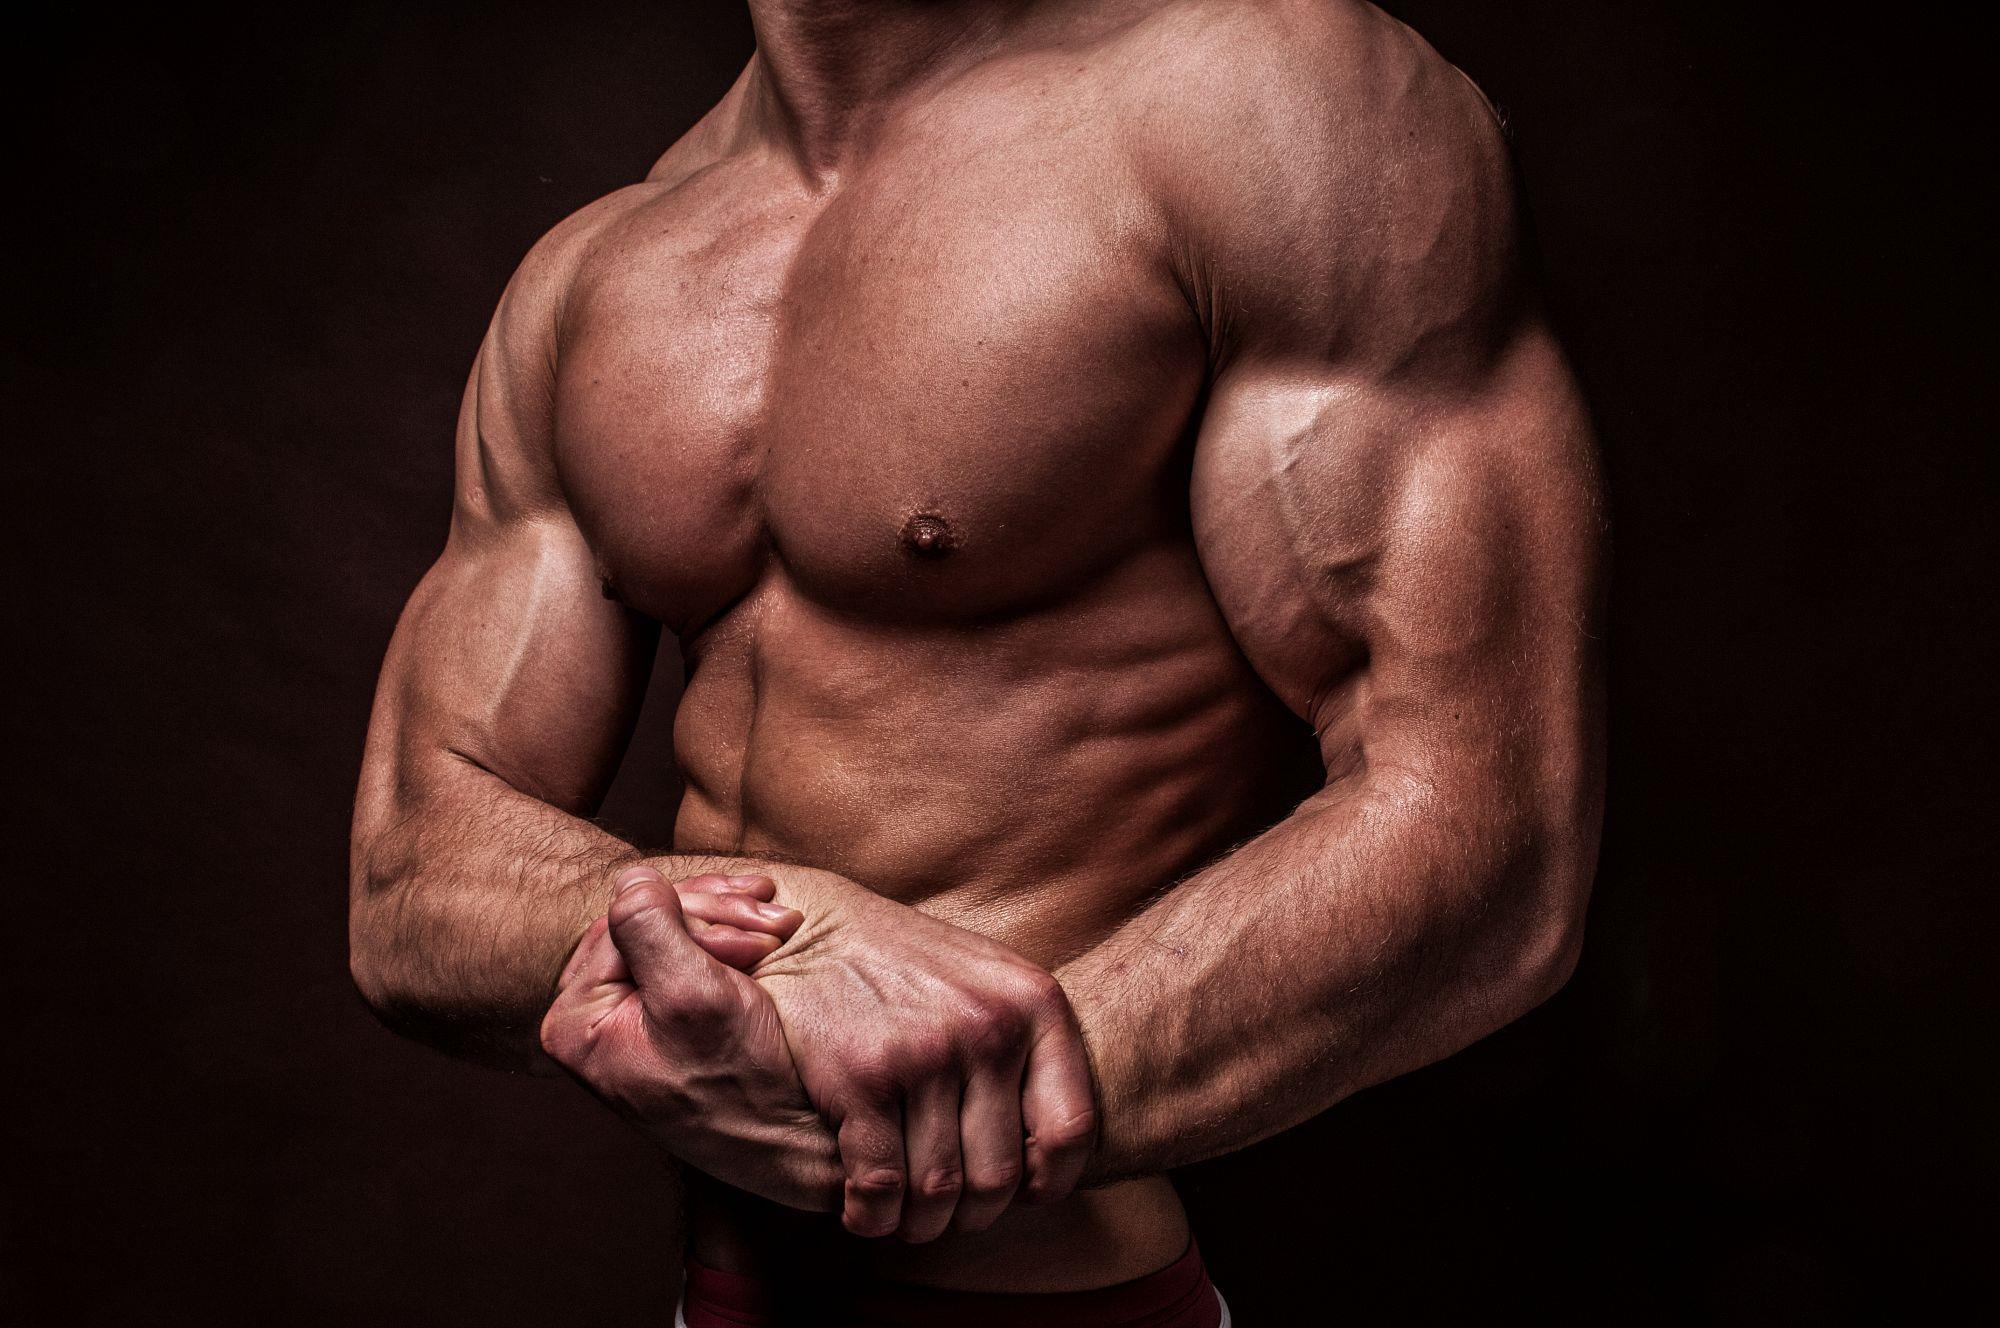 Стременная мышца - самая короткая в теле человека: описание и фото